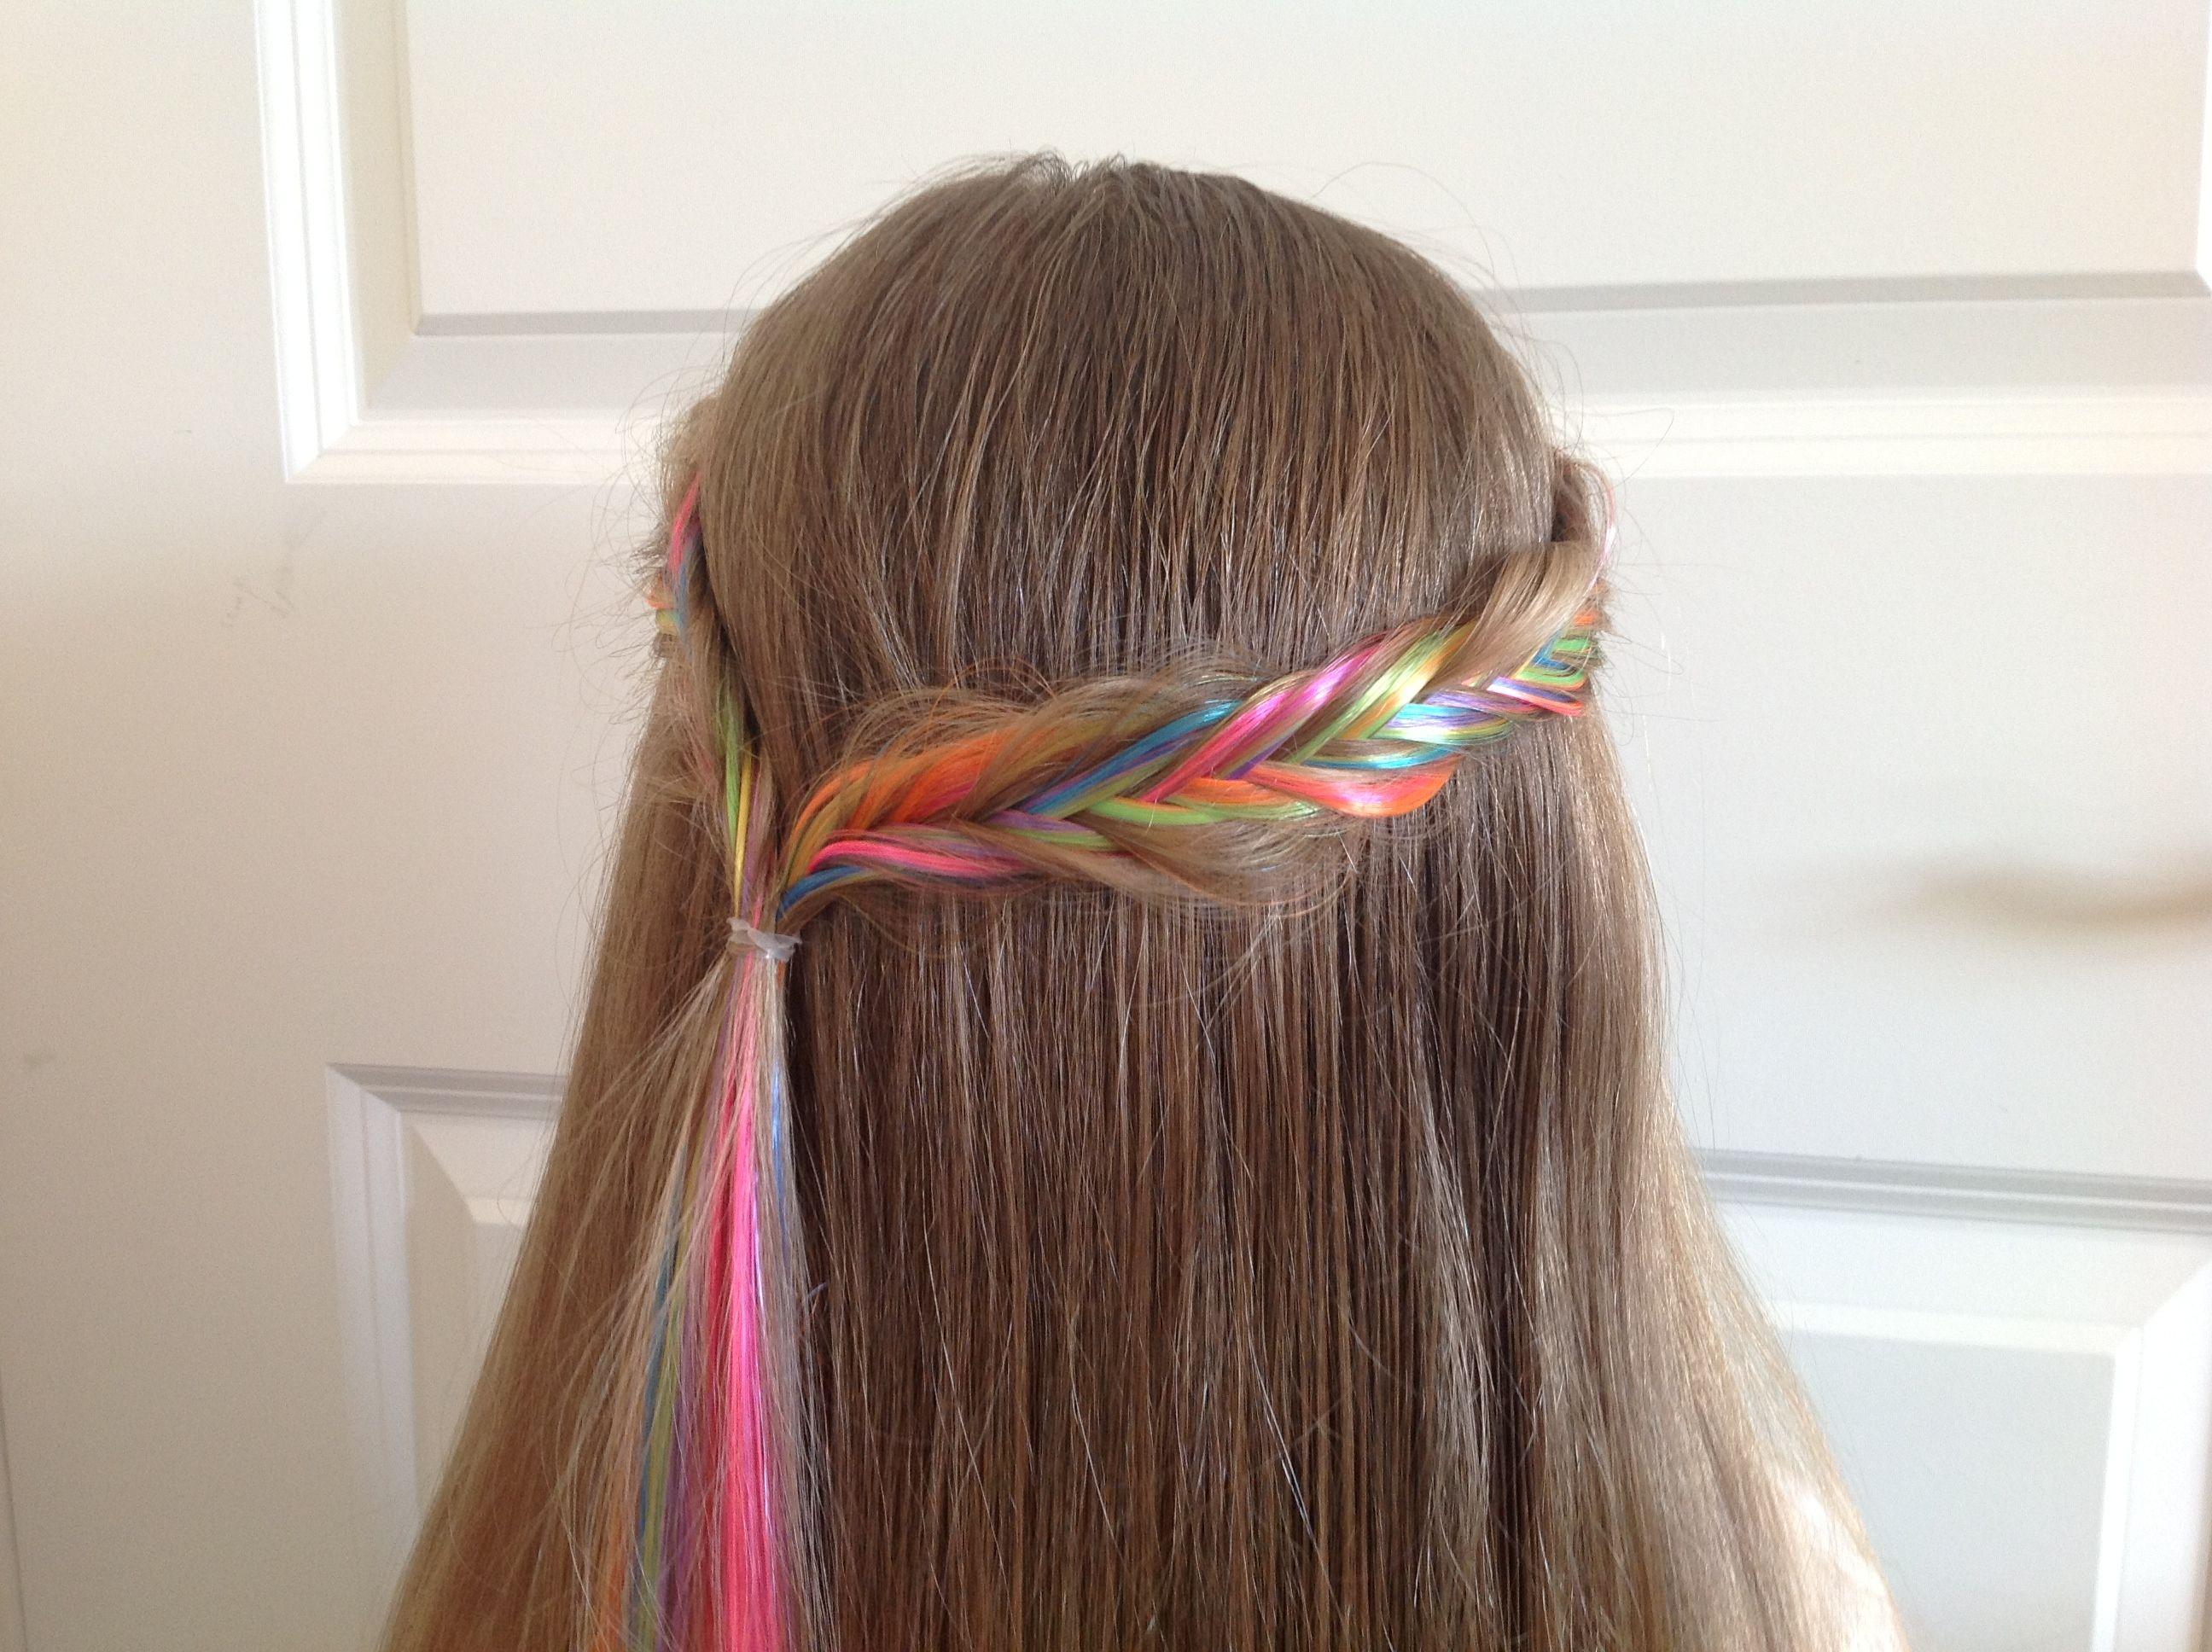 Herringbone with rainbow extensions.